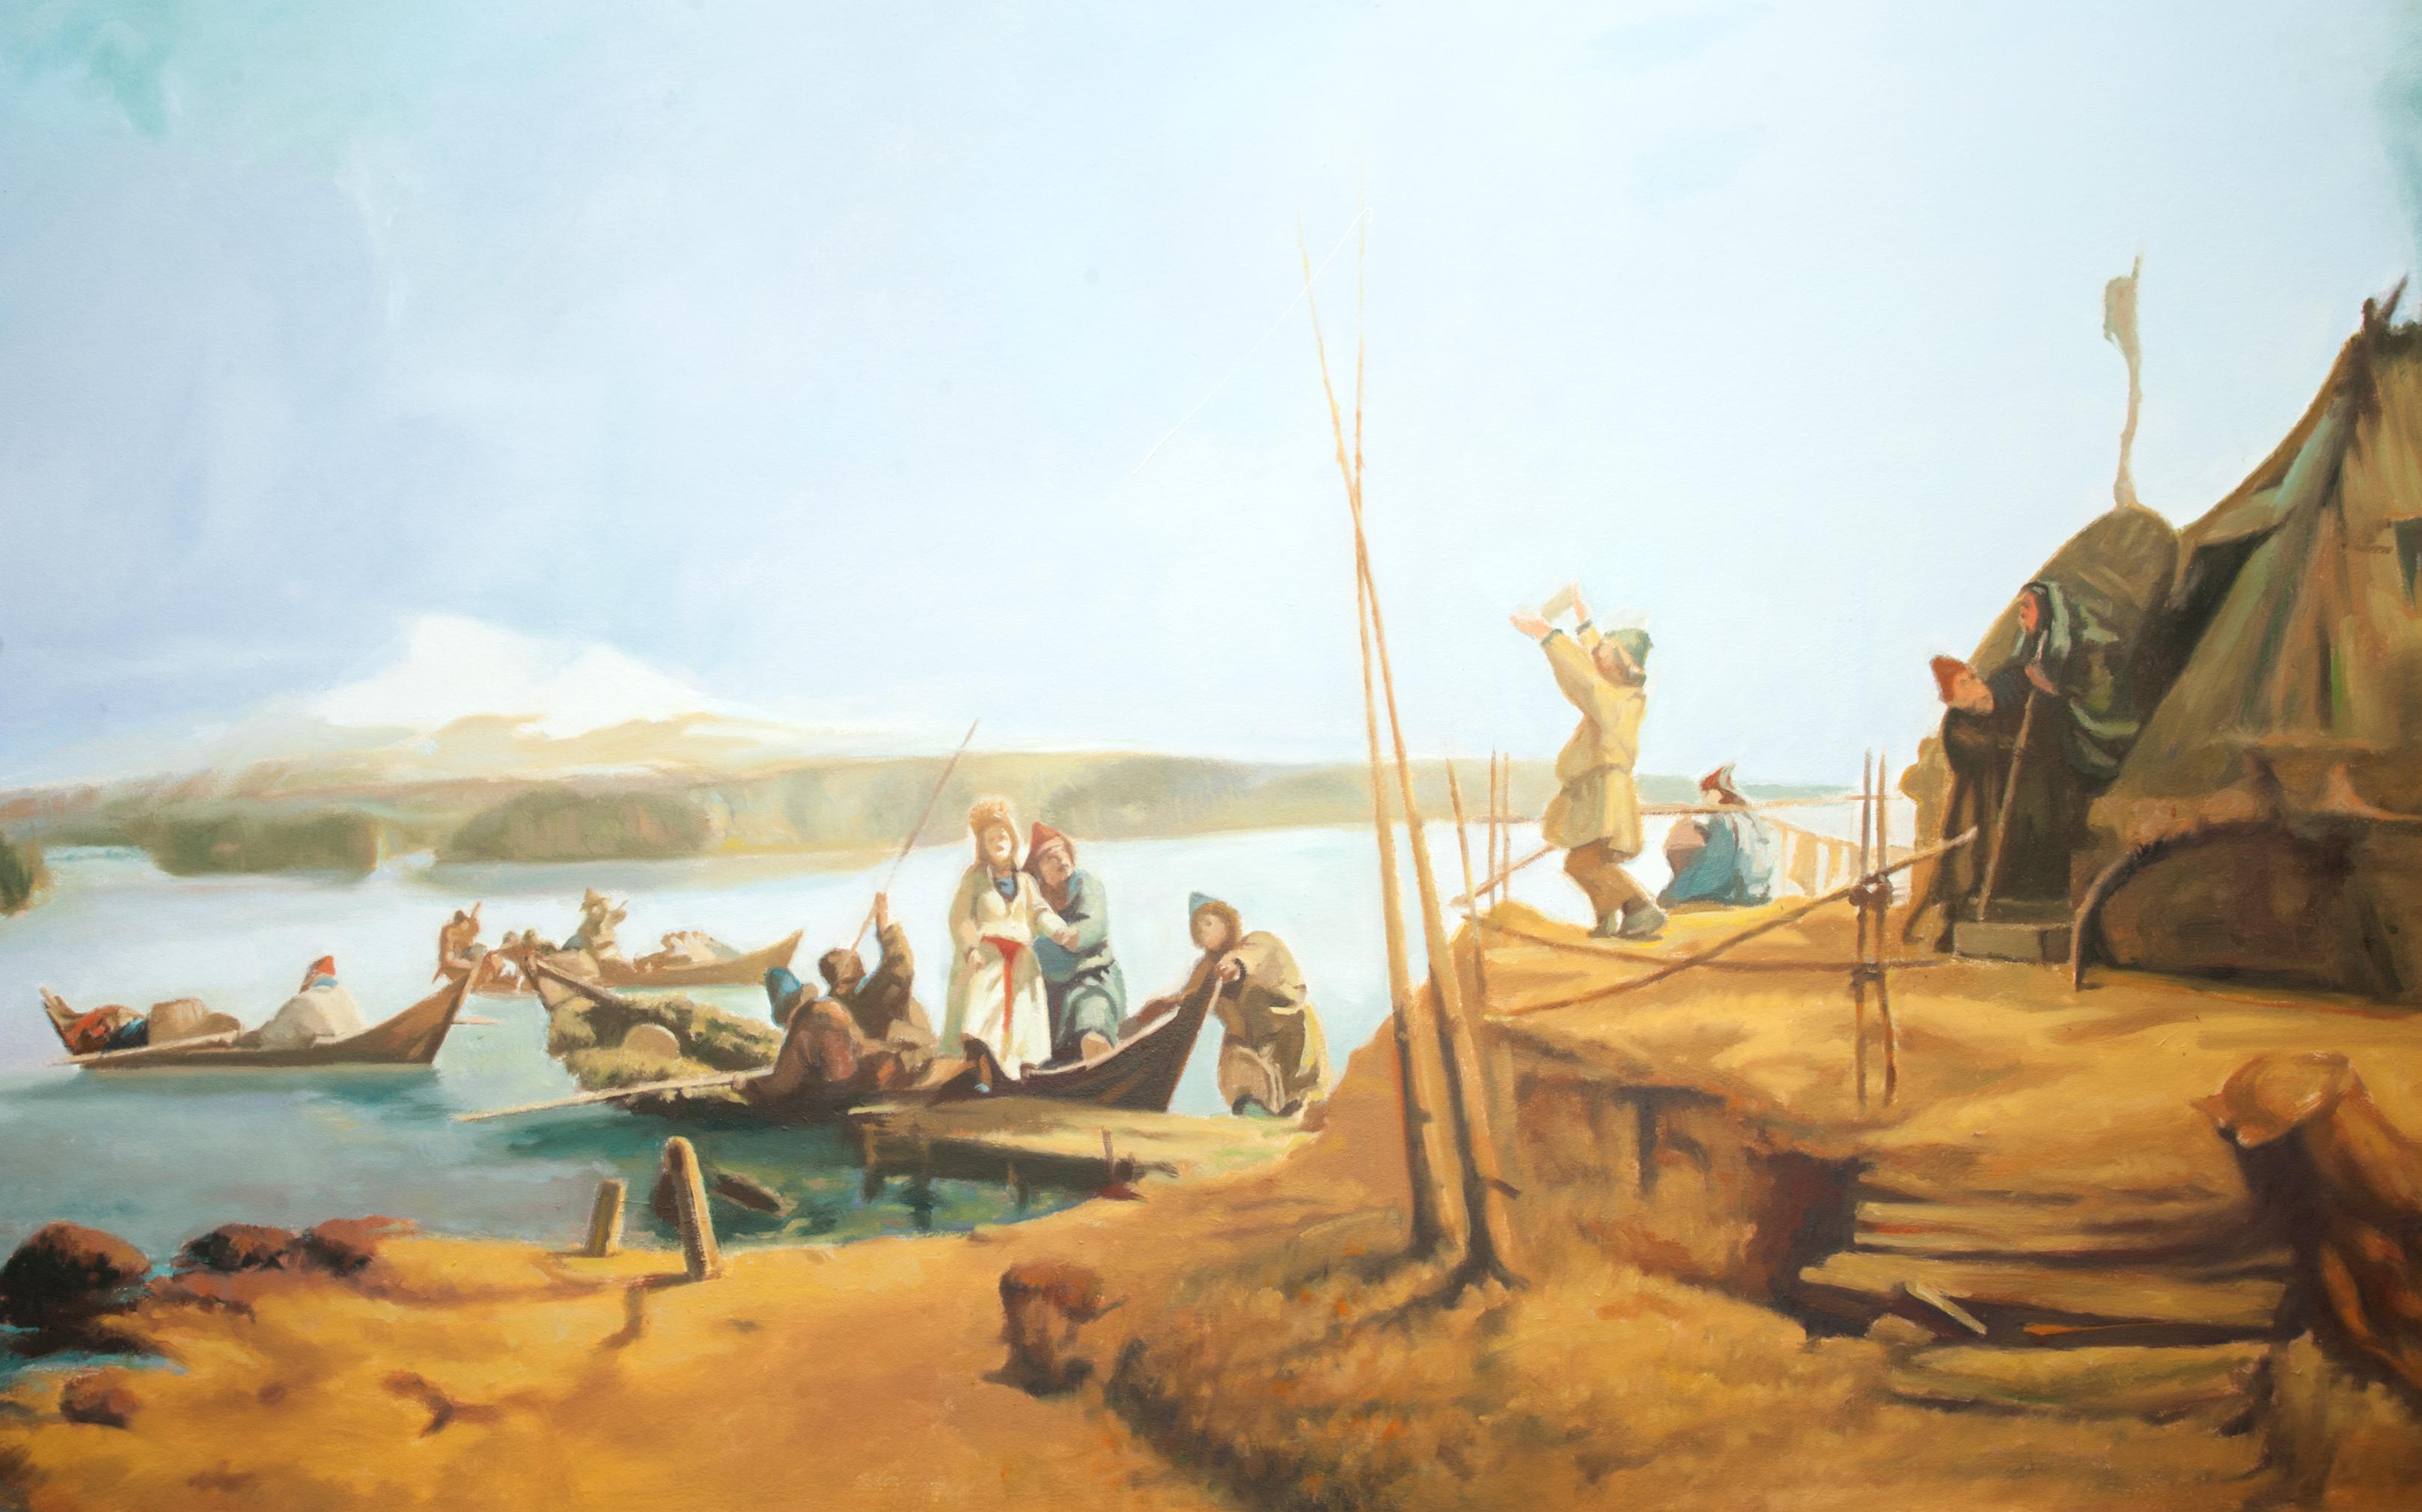 Reproduktion av Claes-Åke Schlönzig - Johan Fredrik Höckert - Brudfärd på Hornavan - Klicka för att byta till perspektivbild.